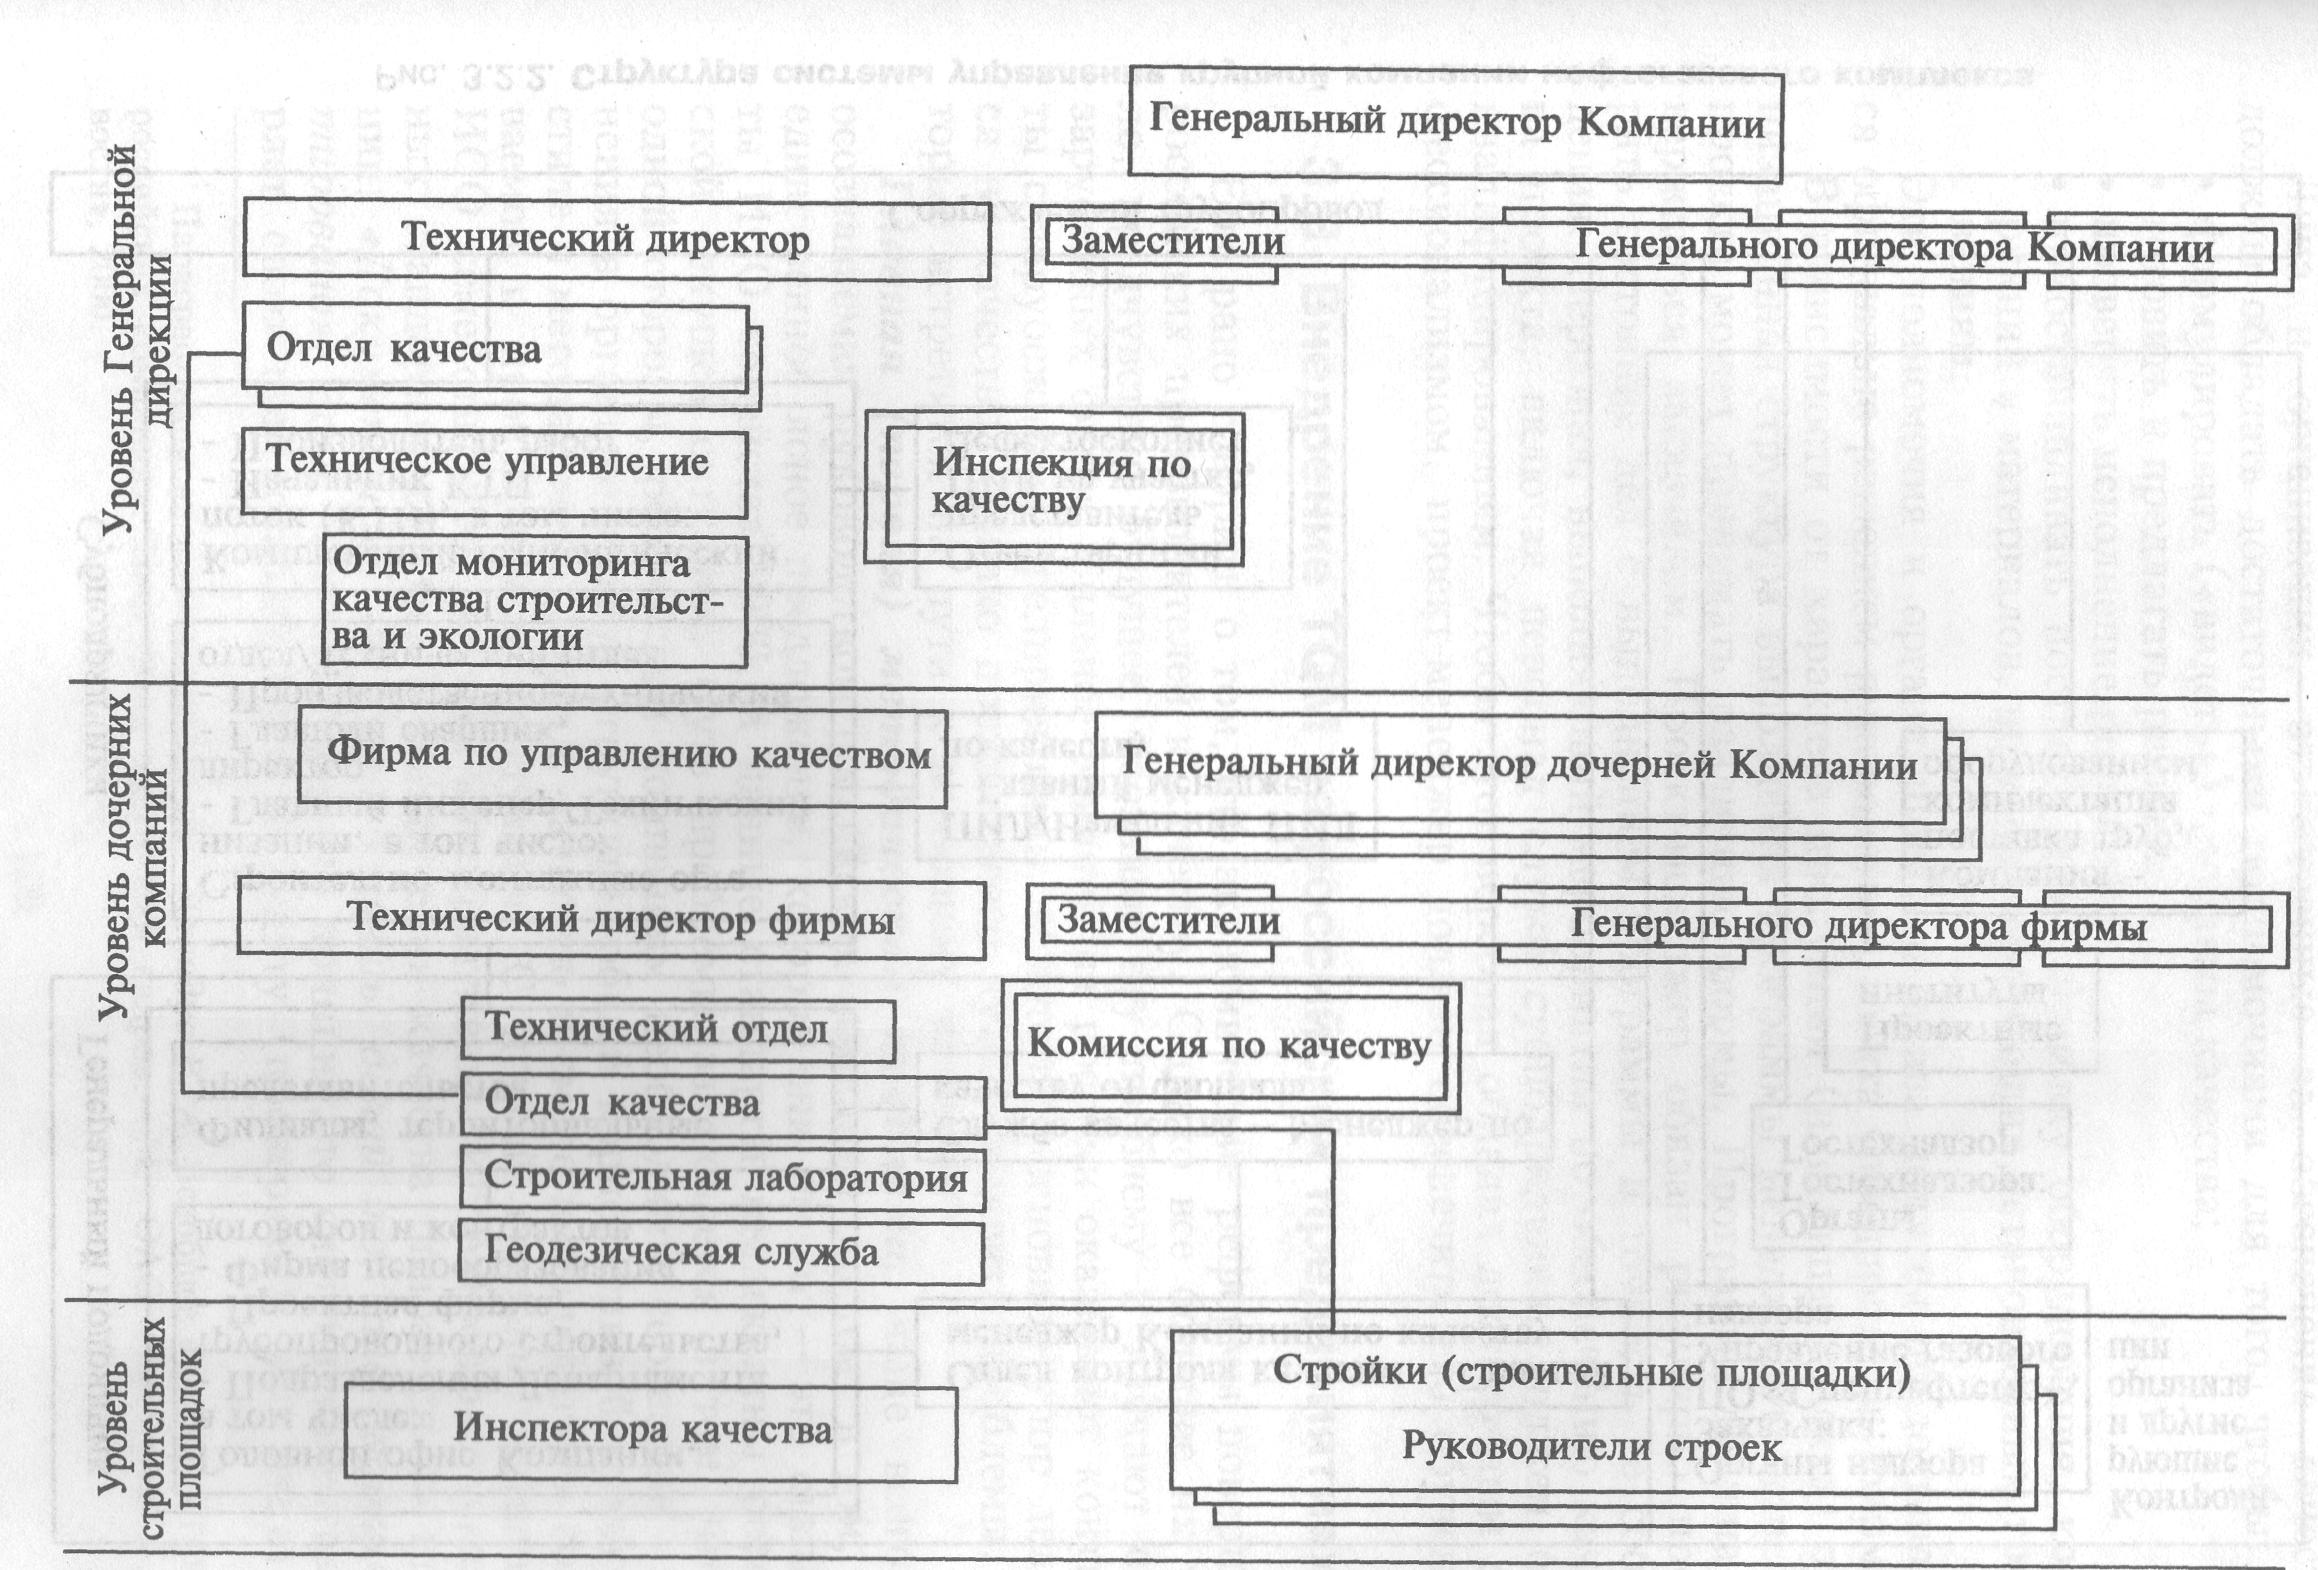 Рисунок 5 – Структура менеджмента качества крупной строительной компании